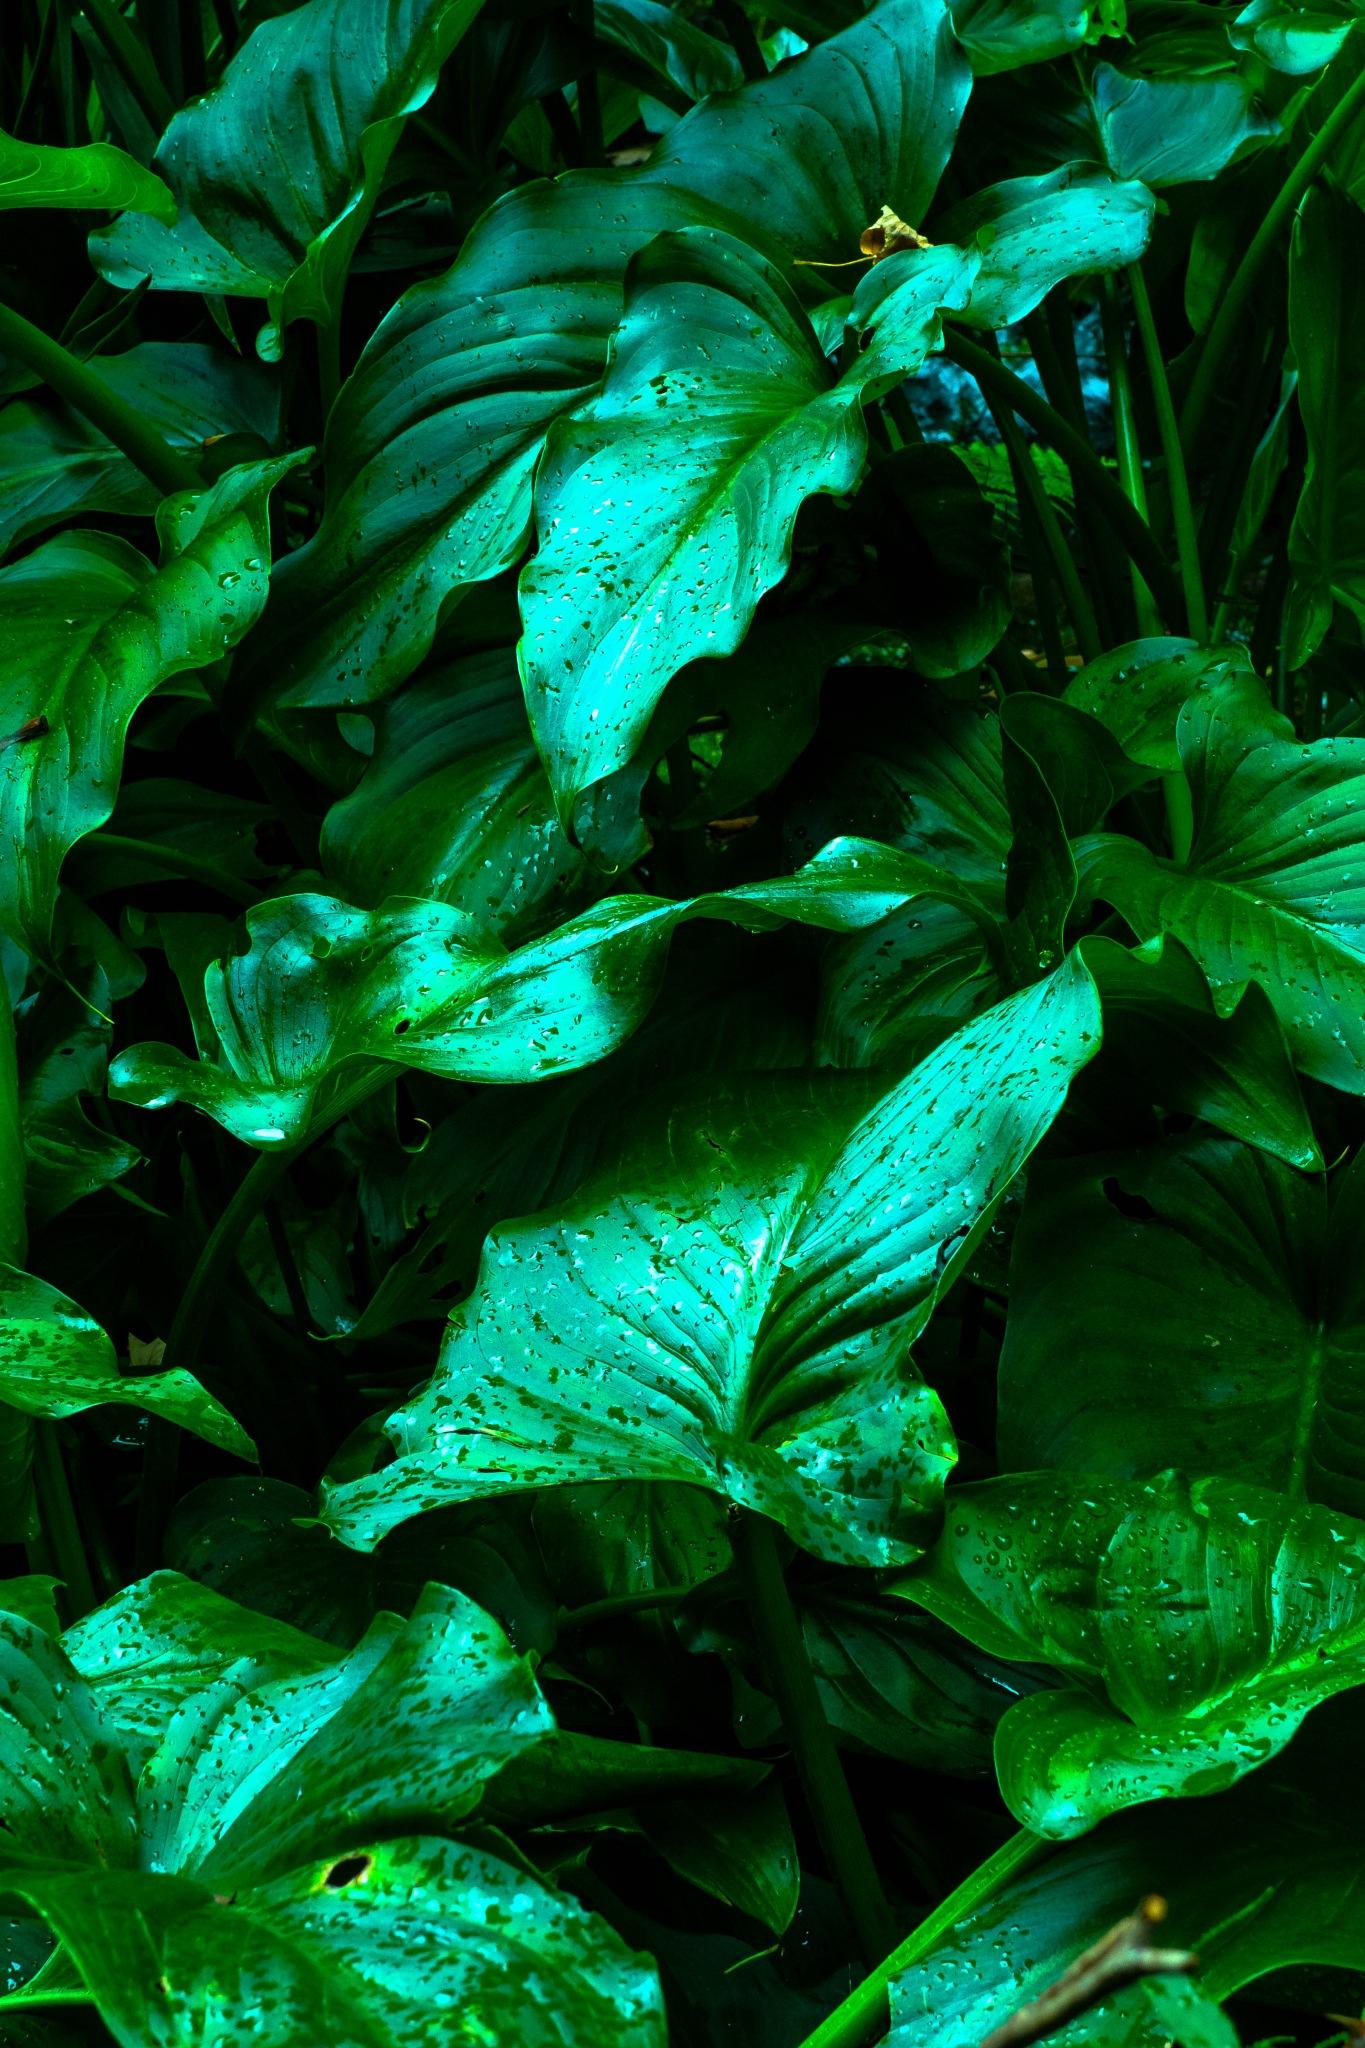 Bright leaves by Hervé Samson